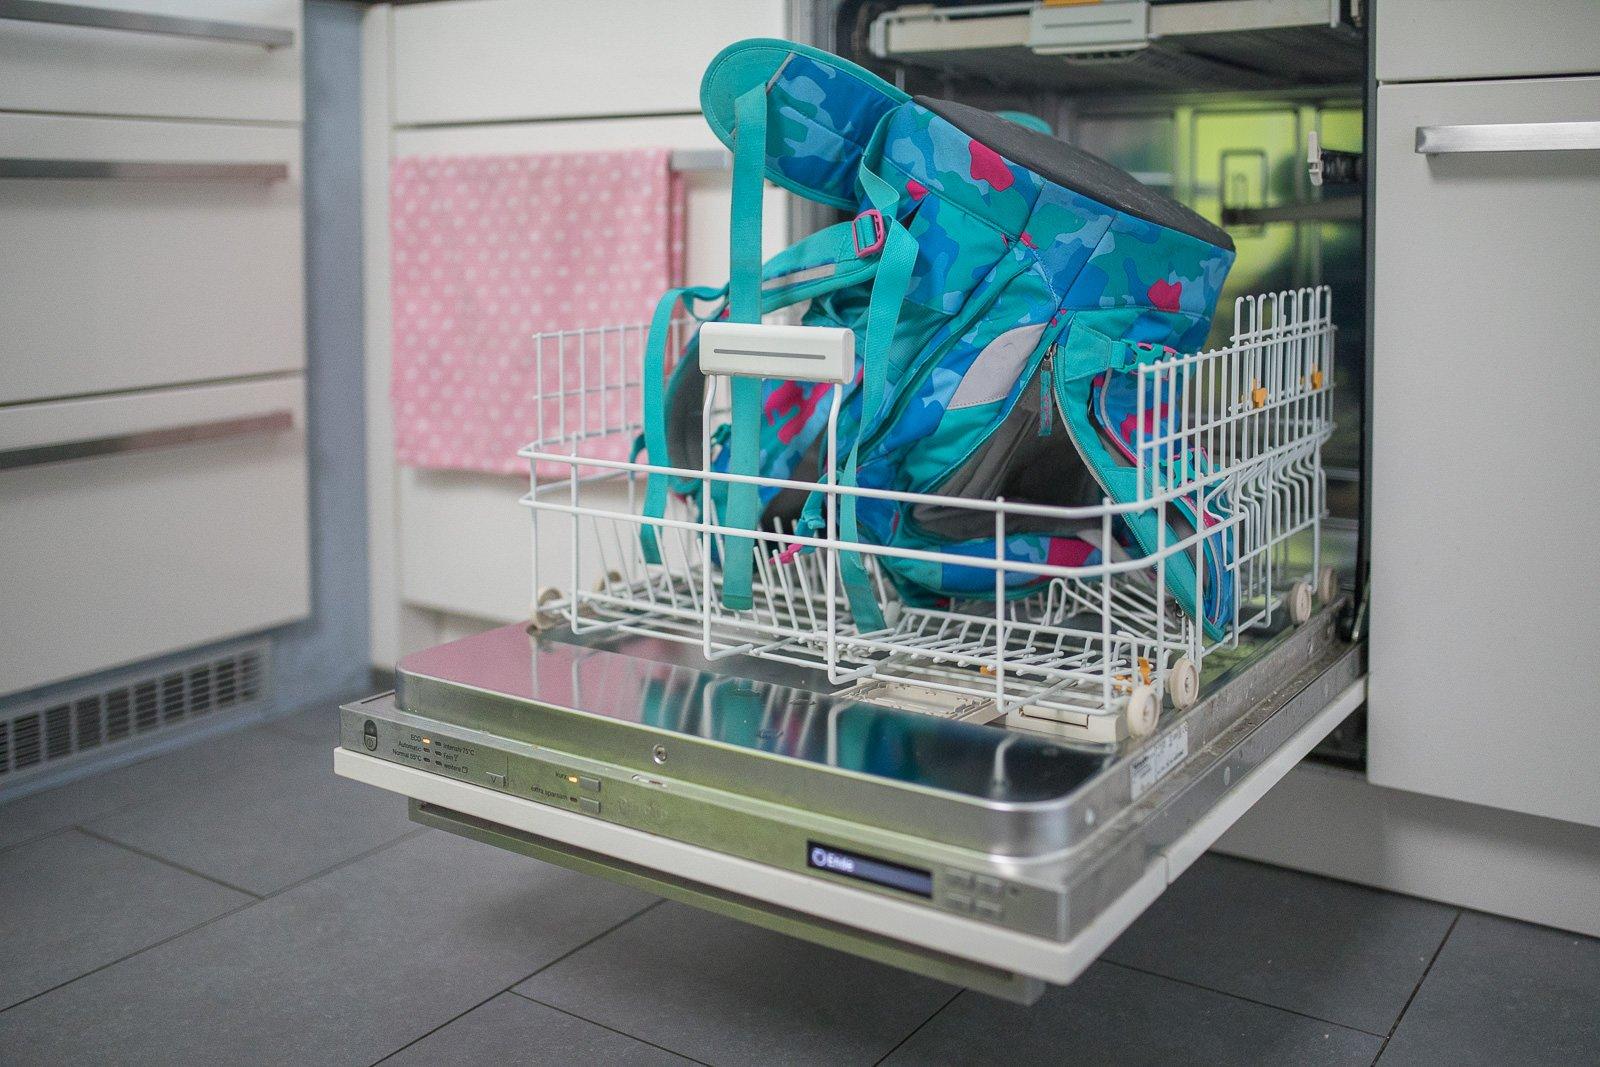 satch in der Spülmaschine waschen